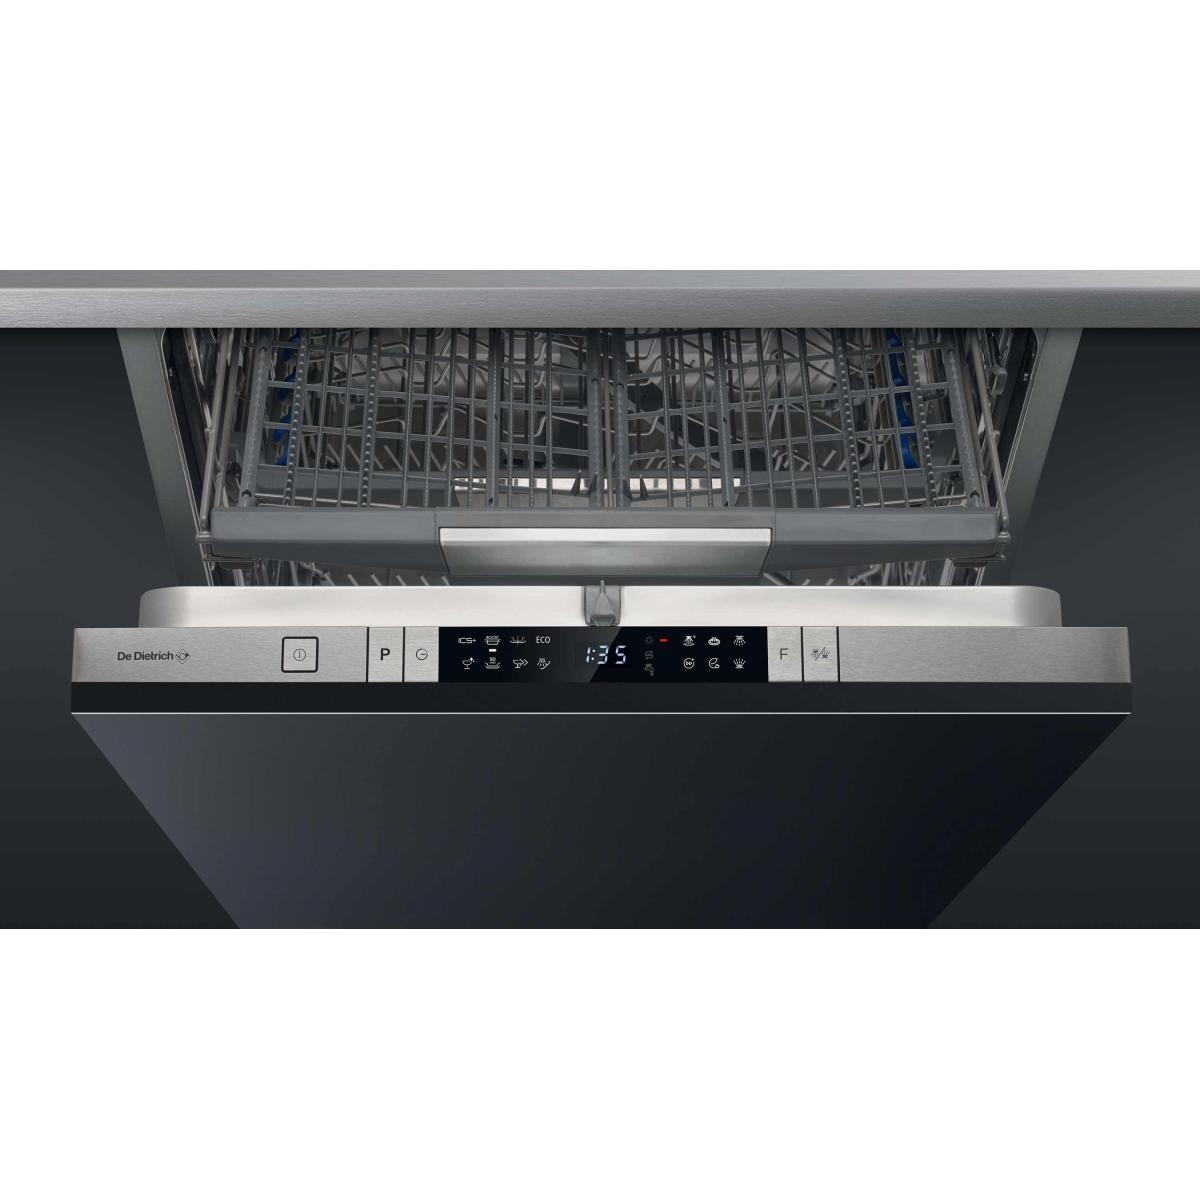 De Dietrich Lave vaisselle tout integrable 60 cm DE DIETRICH DCJ534DQX